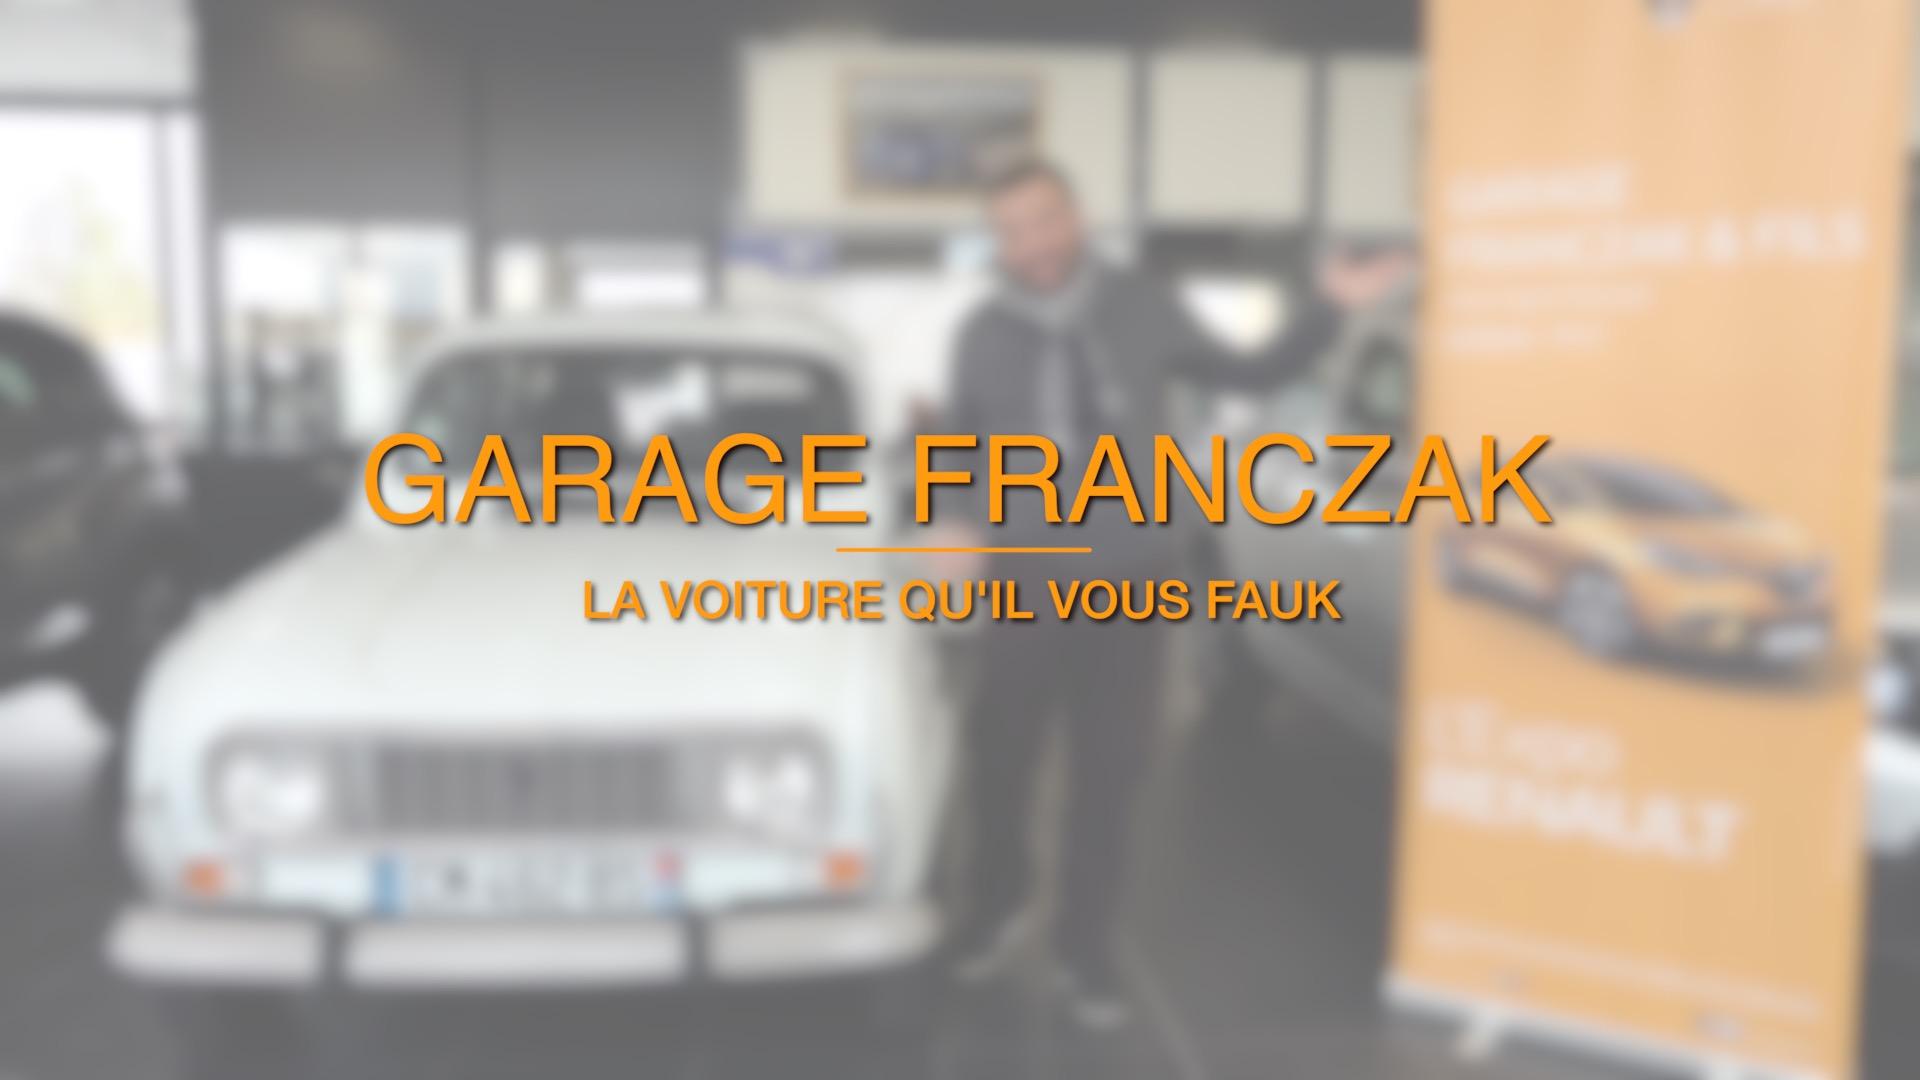 Franczak, la voiture qu'il vous fauk